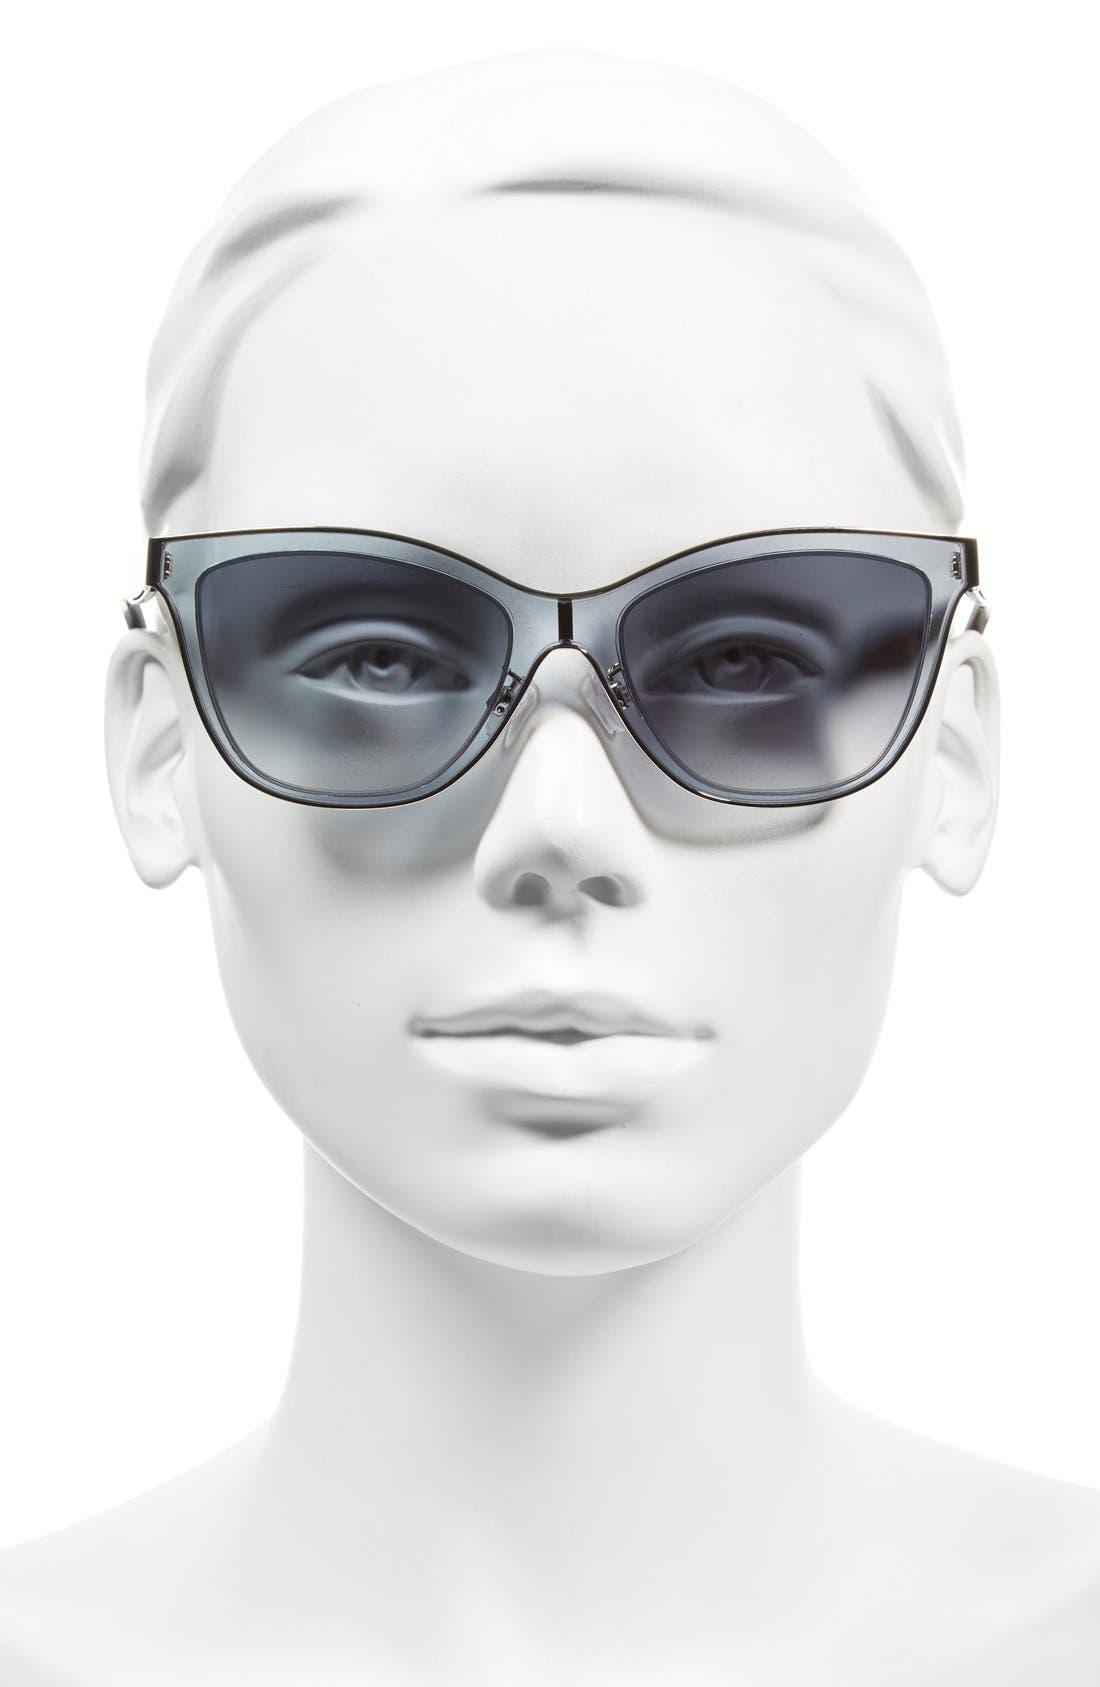 Paris 54mm Sunglasses,                             Alternate thumbnail 2, color,                             040